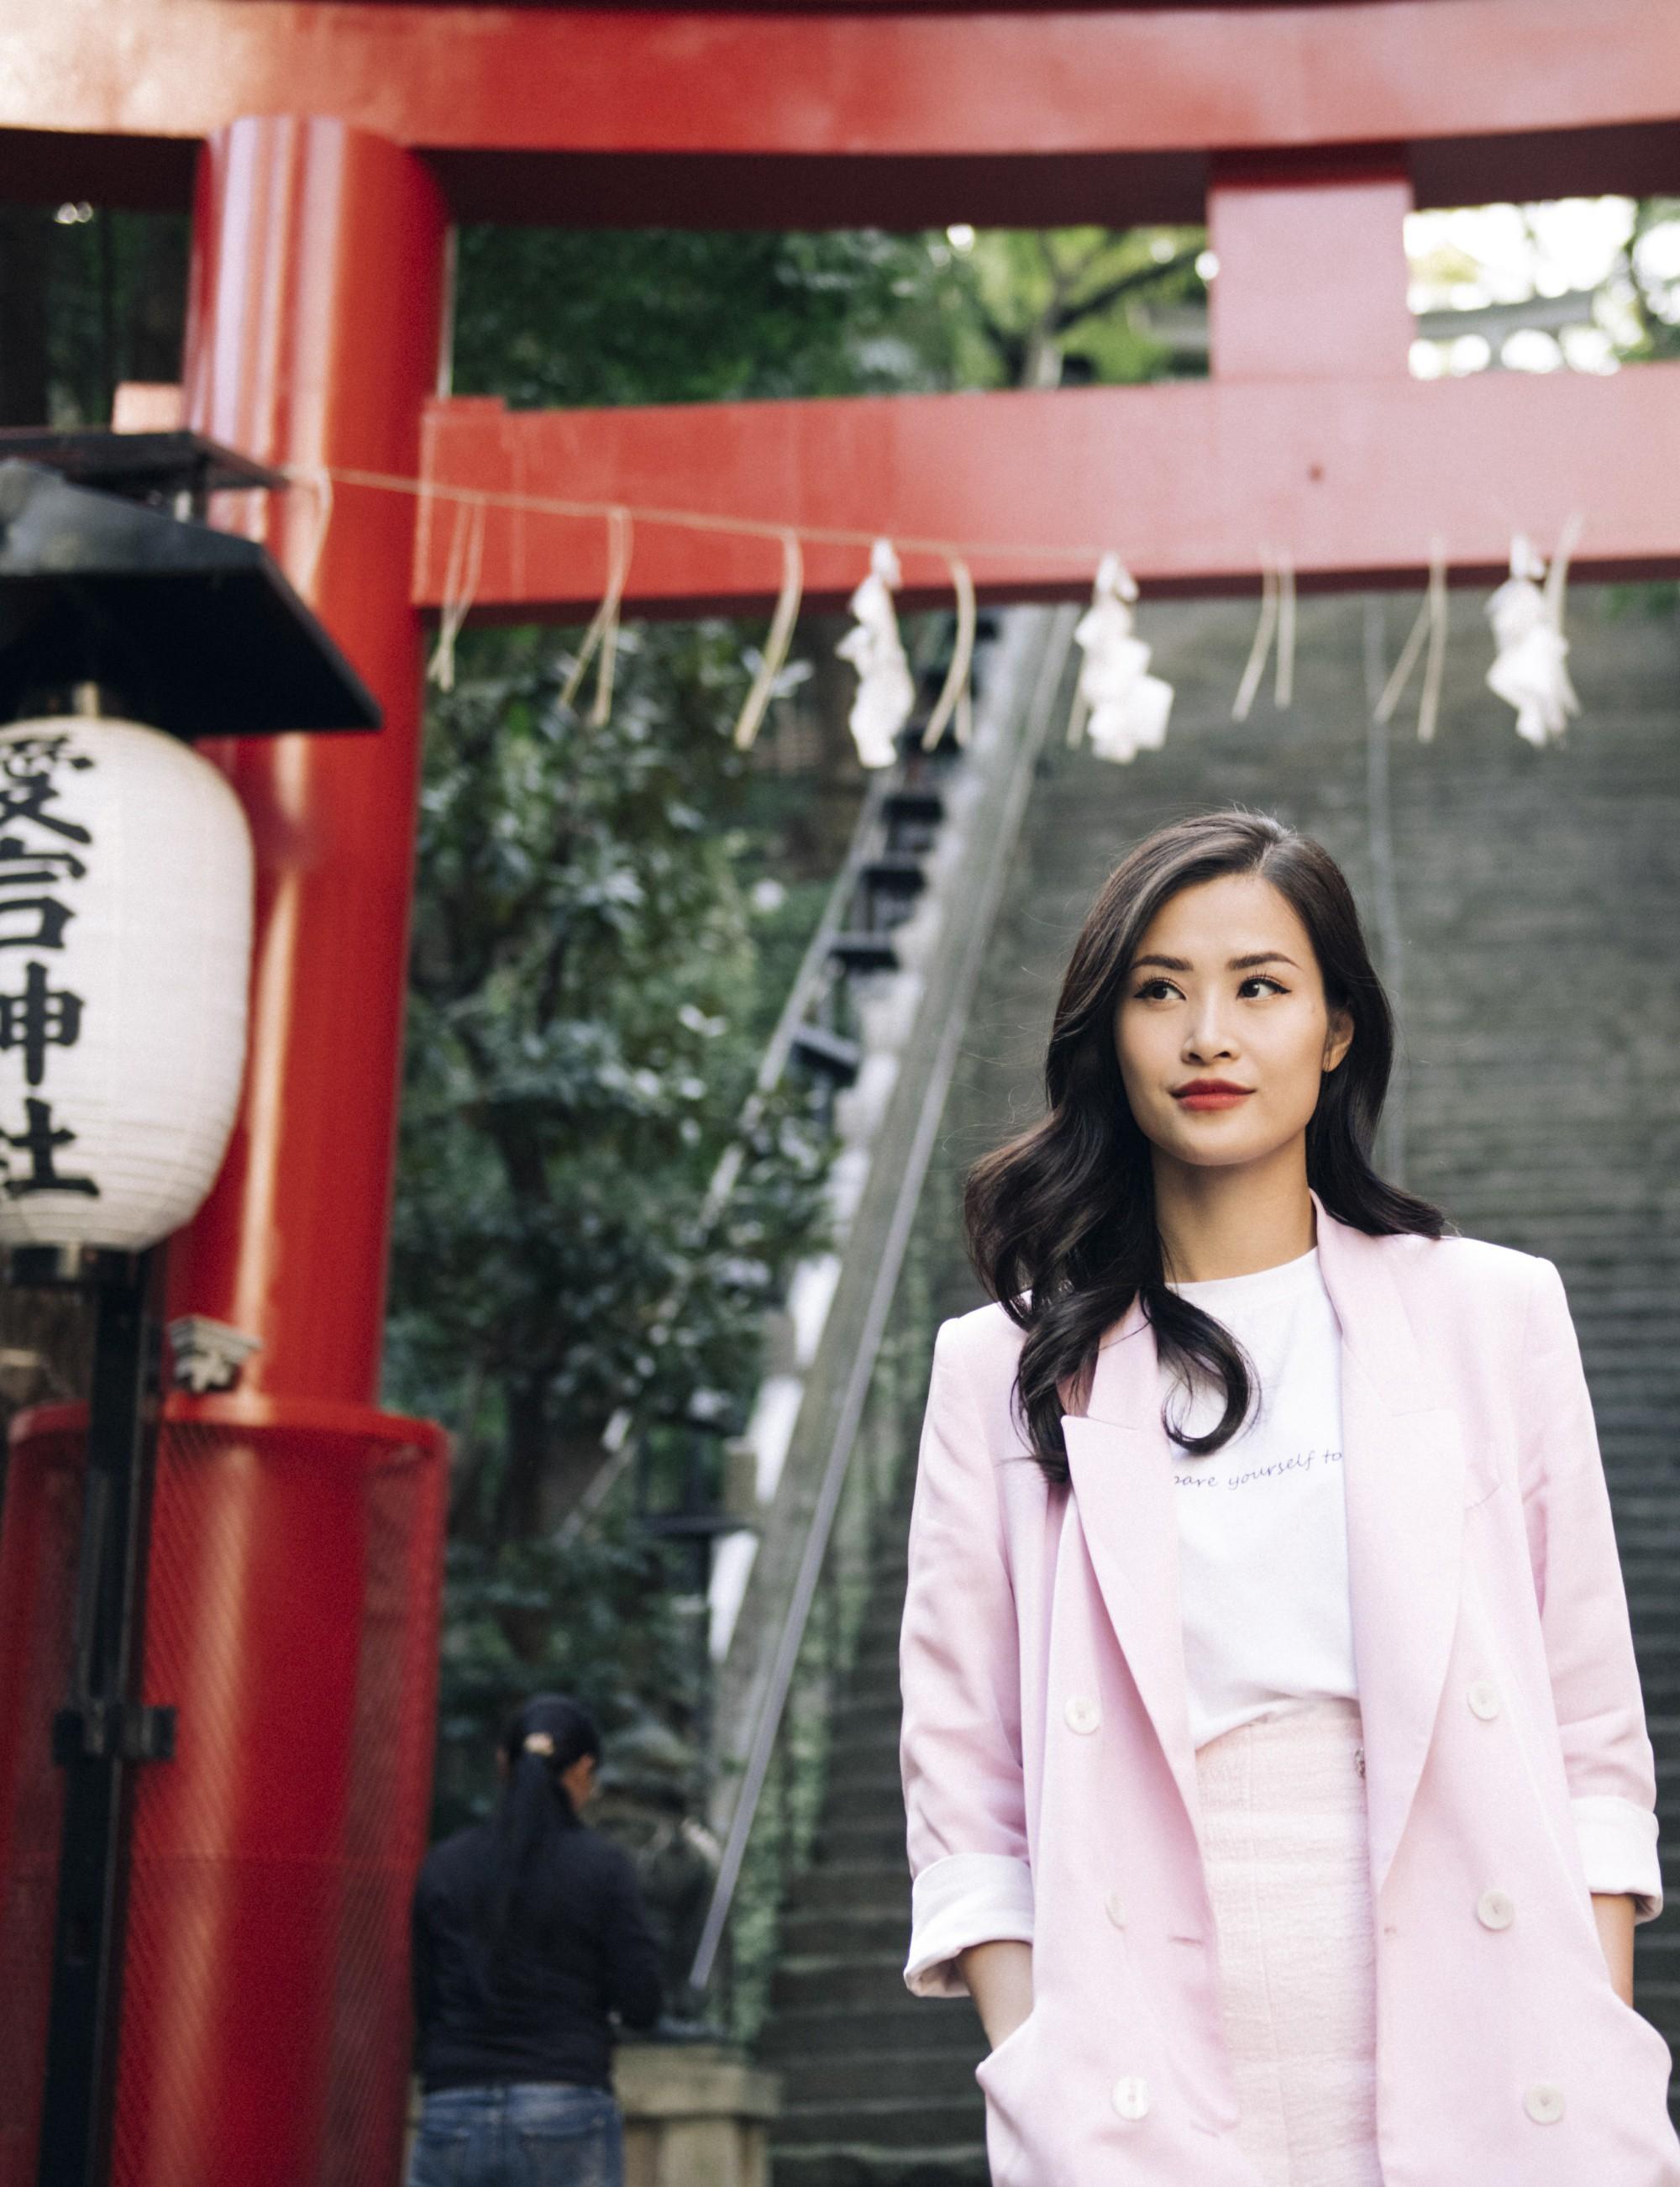 Đông Nhi hào hứng học làm sushi, cùng nghệ sĩ các nước ASEAN khám phá Nhật Bản - Ảnh 16.